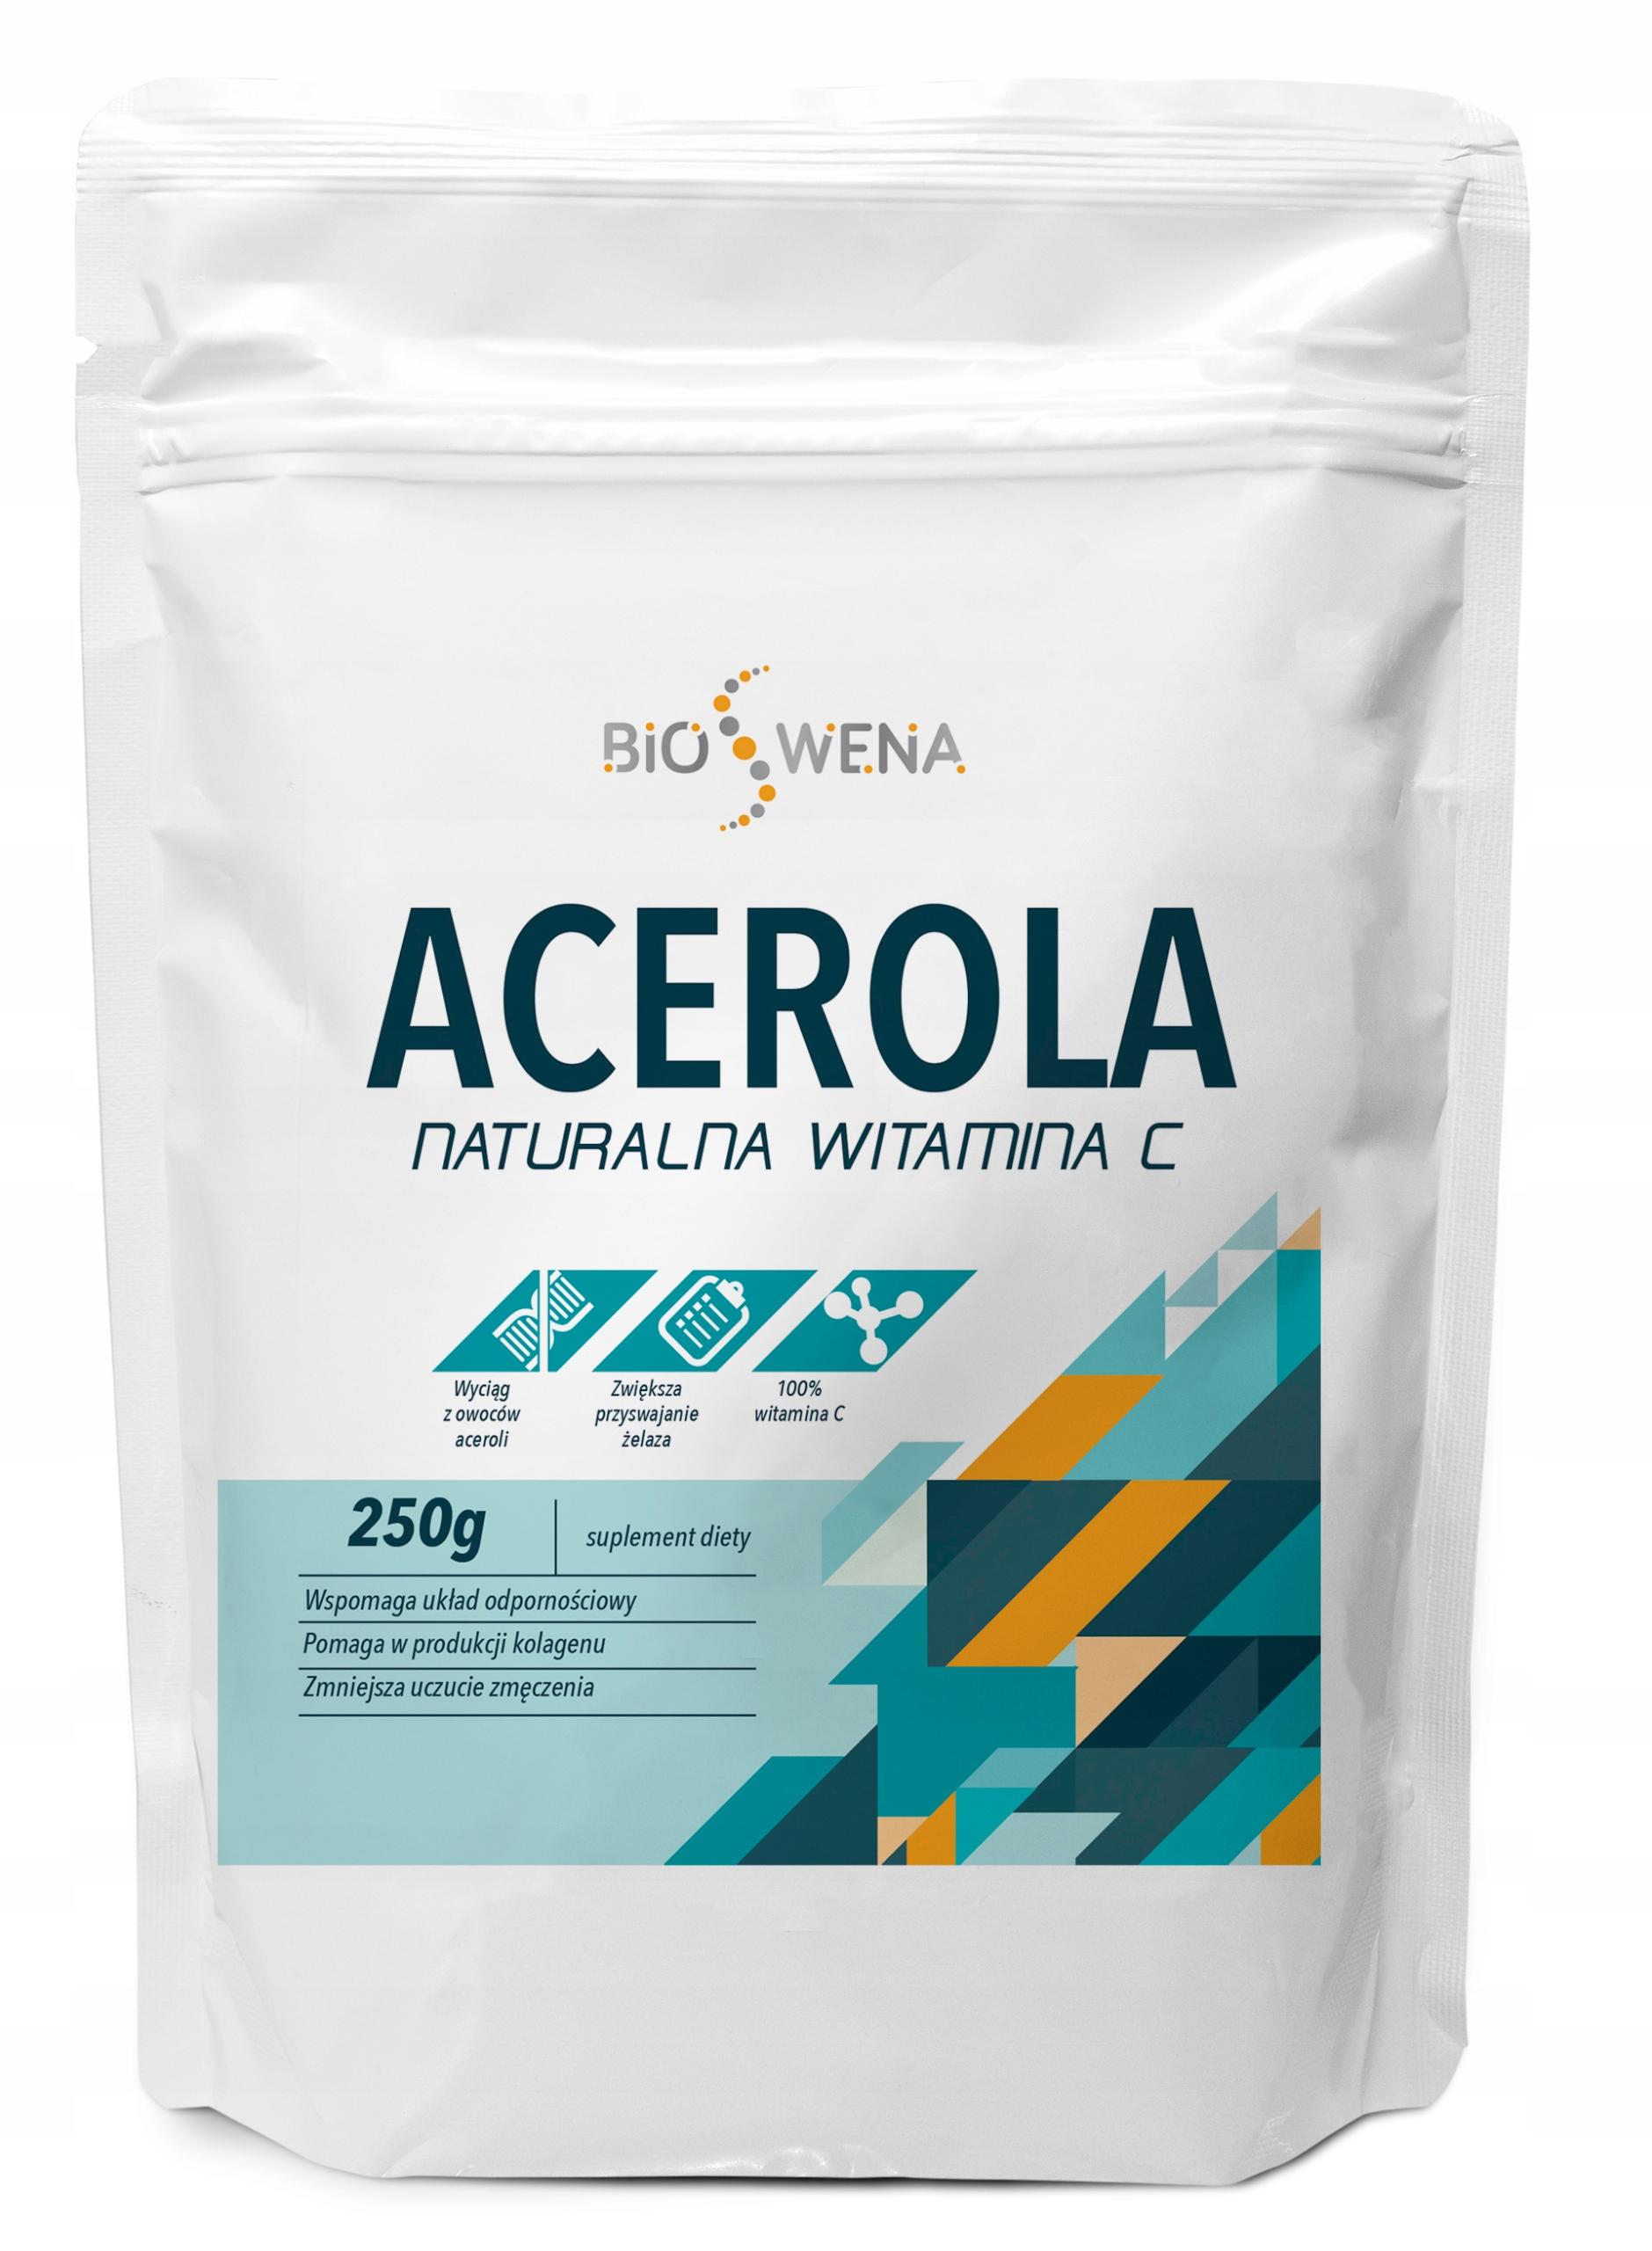 ACEROLA PROSZEK 250g NATURALNA WITAMINA C VEGE BIO